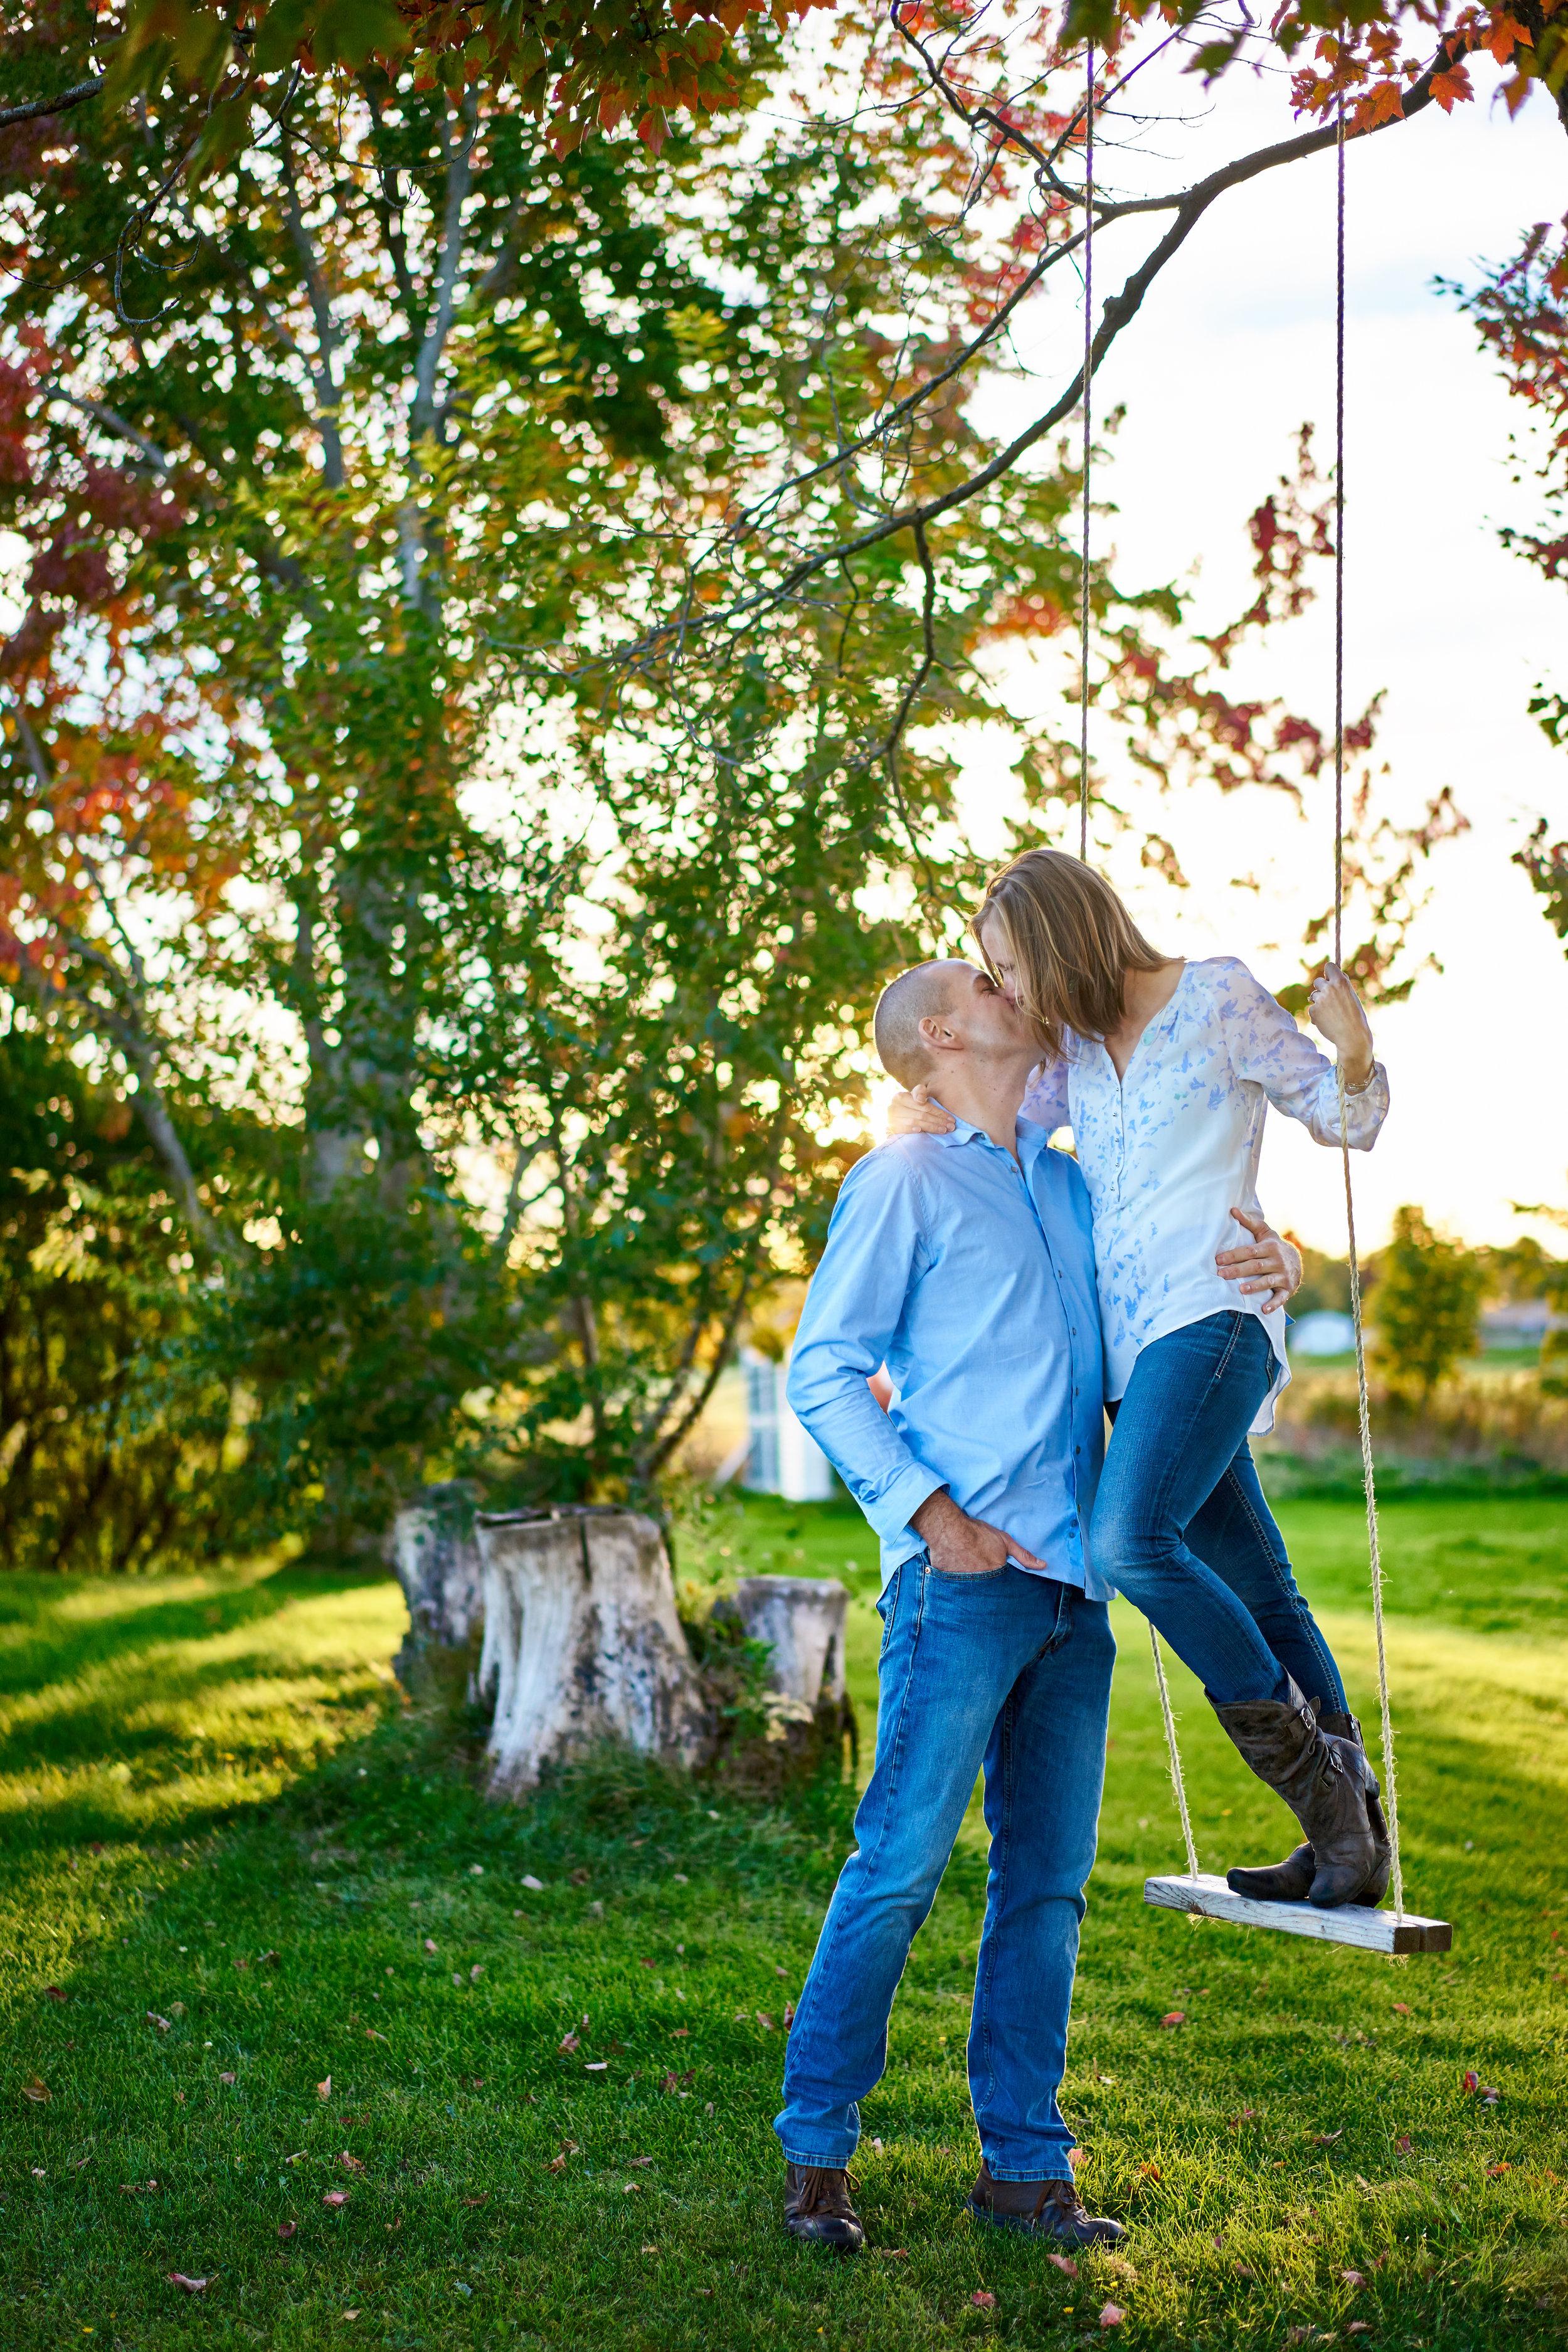 Baukje & Marc Engagement 040.jpg